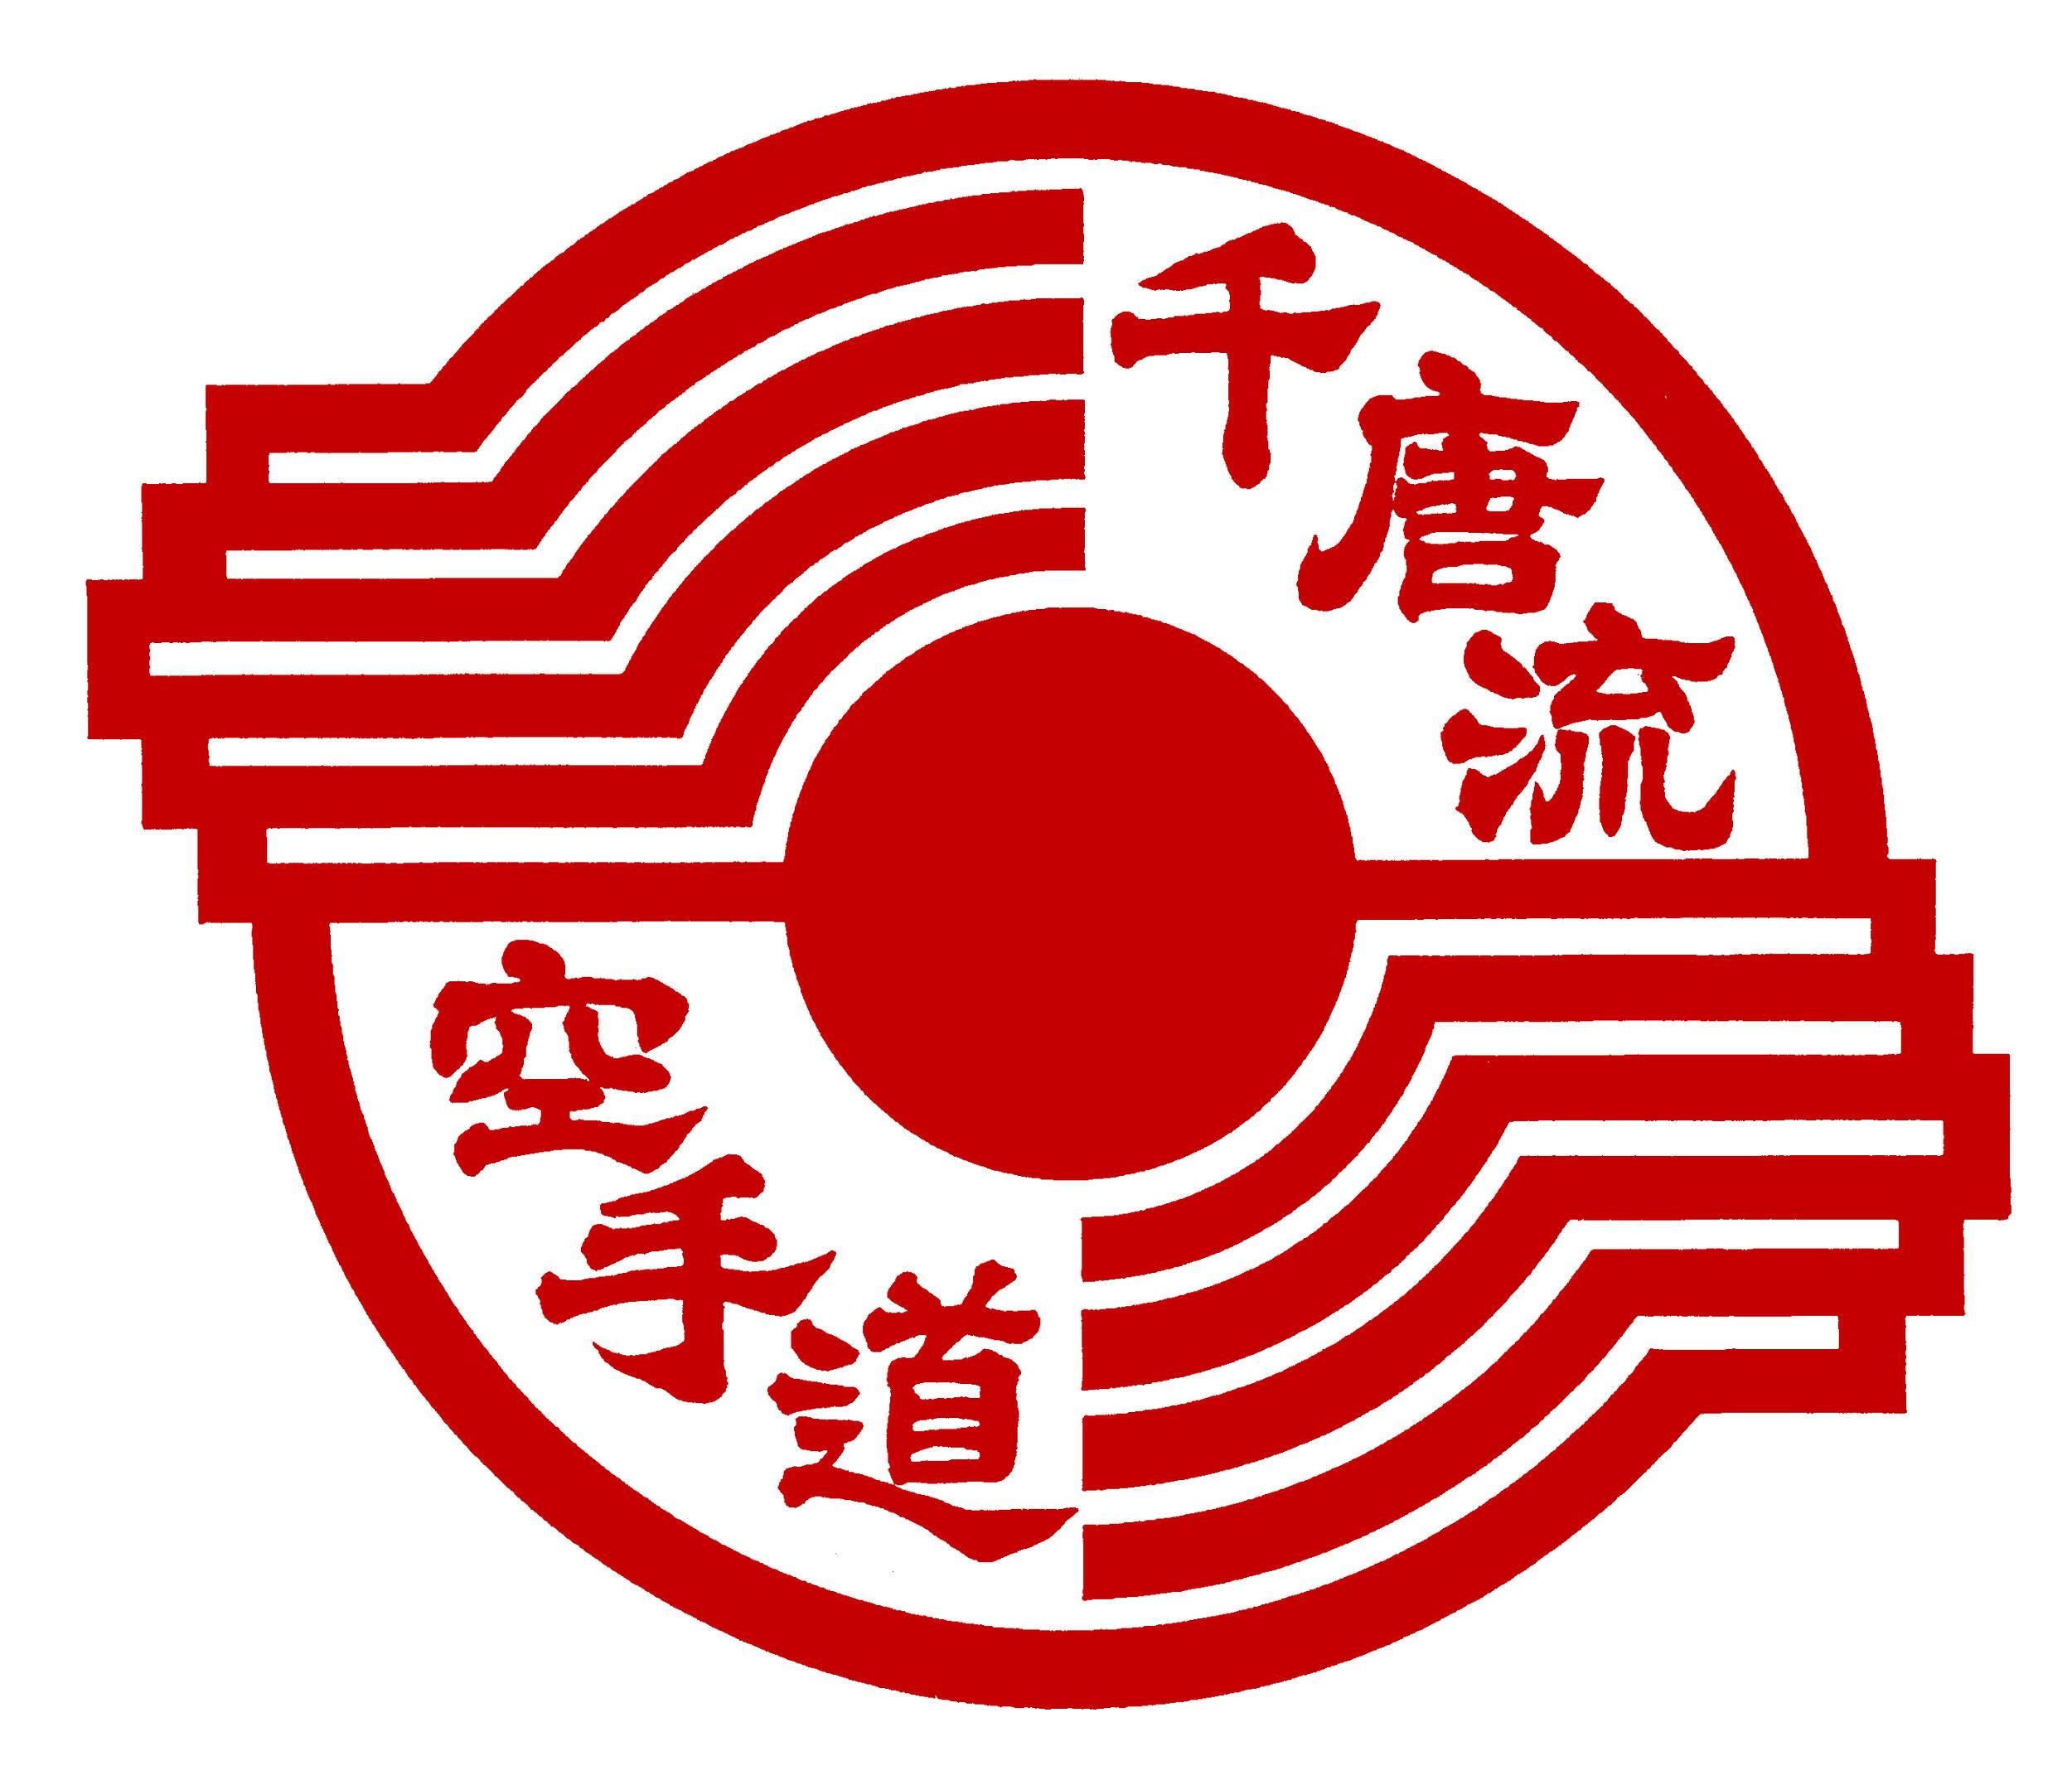 chito-ryu crest.jpg